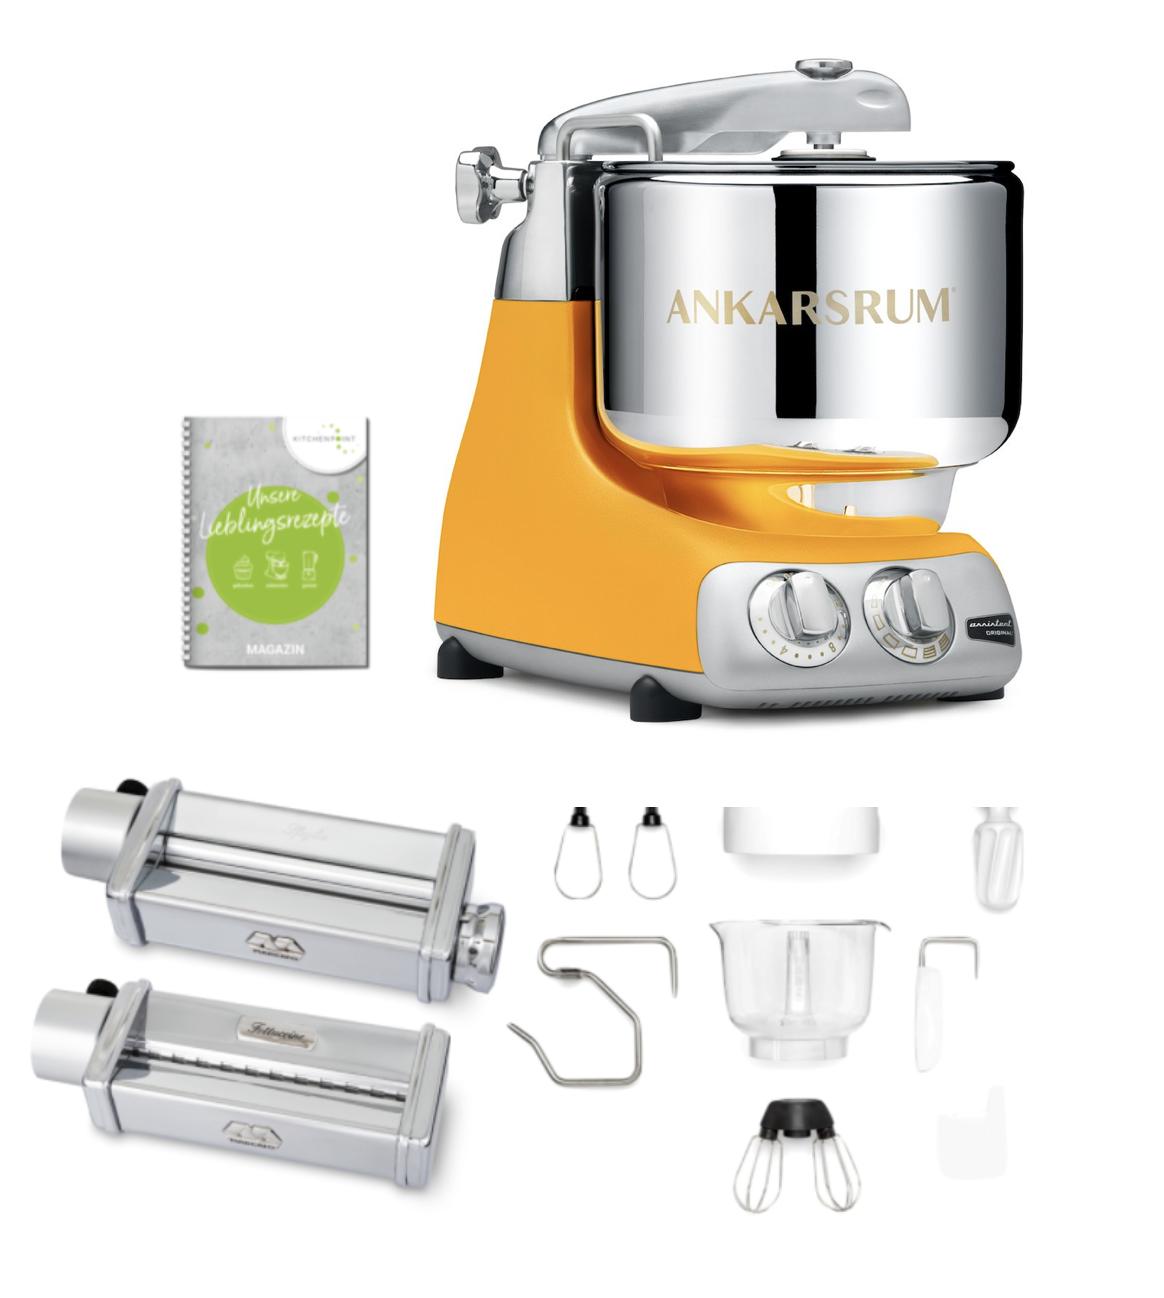 Ankarsrum Küchenmaschine Assistent Gelb Sunbeam Yellow - Pasta Set